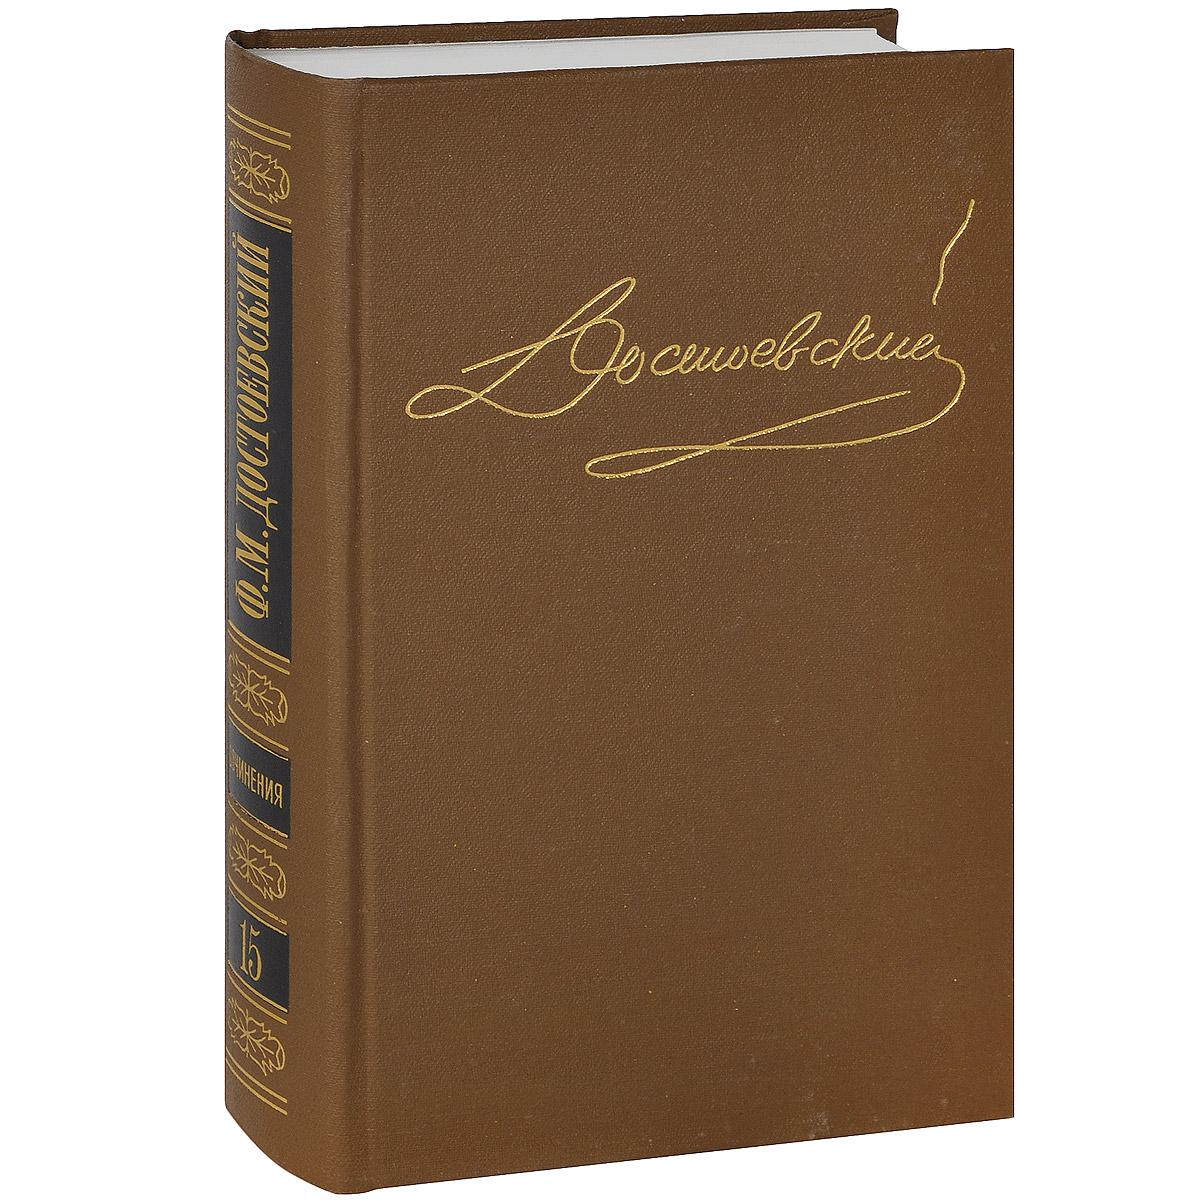 Ф. М. Достоевский. Собрание сочинений в 15 томах. Том 15. Письма 1834-1881